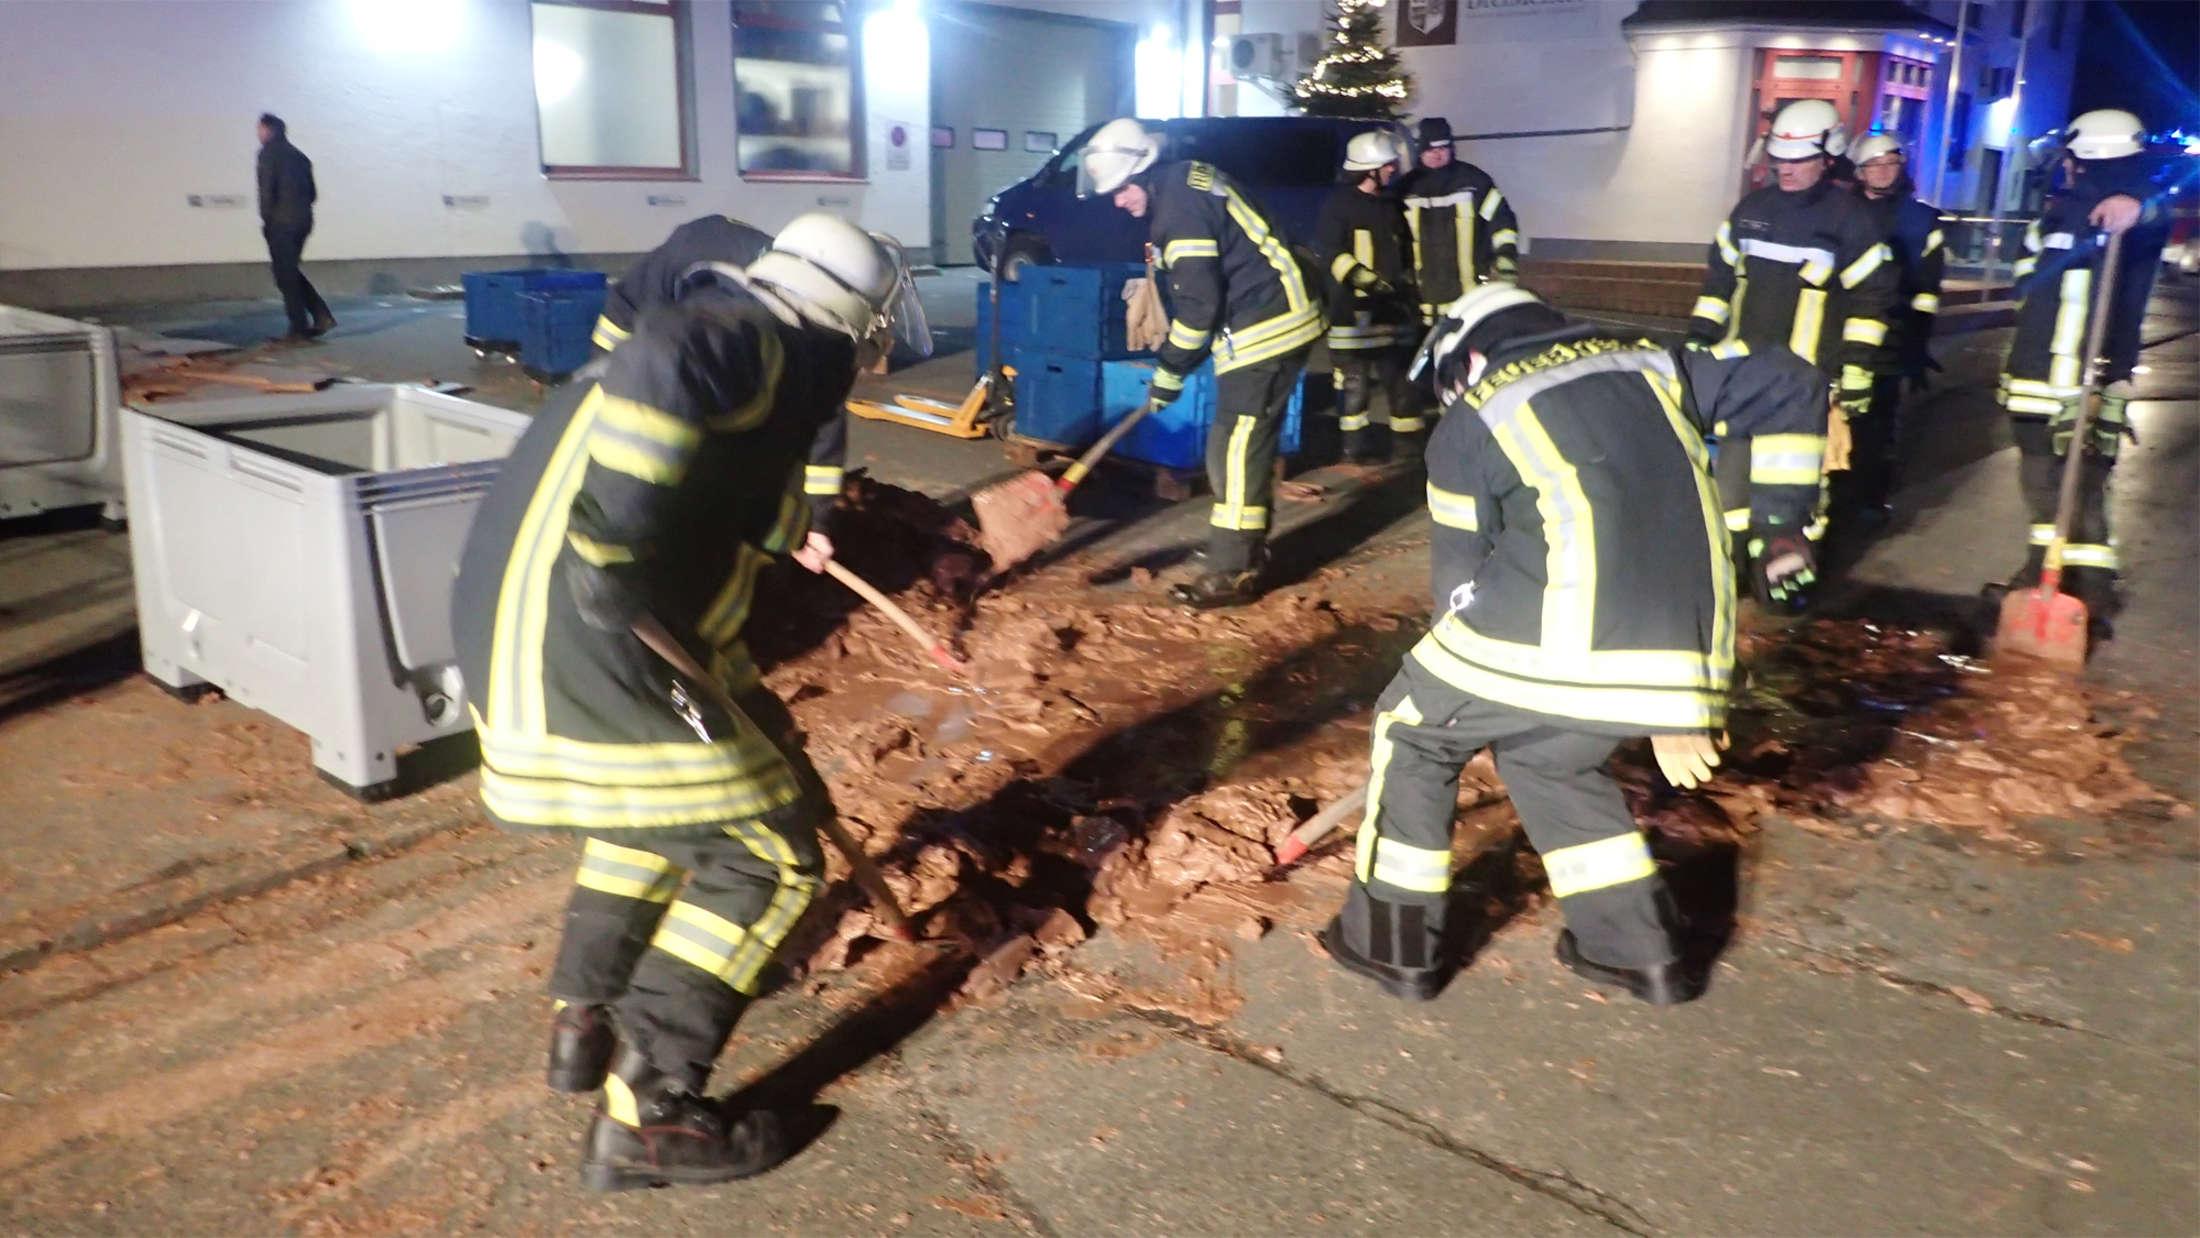 В Германии тонна молочного шоколада вытекла на улицу. С ним боролись 25 пожарных